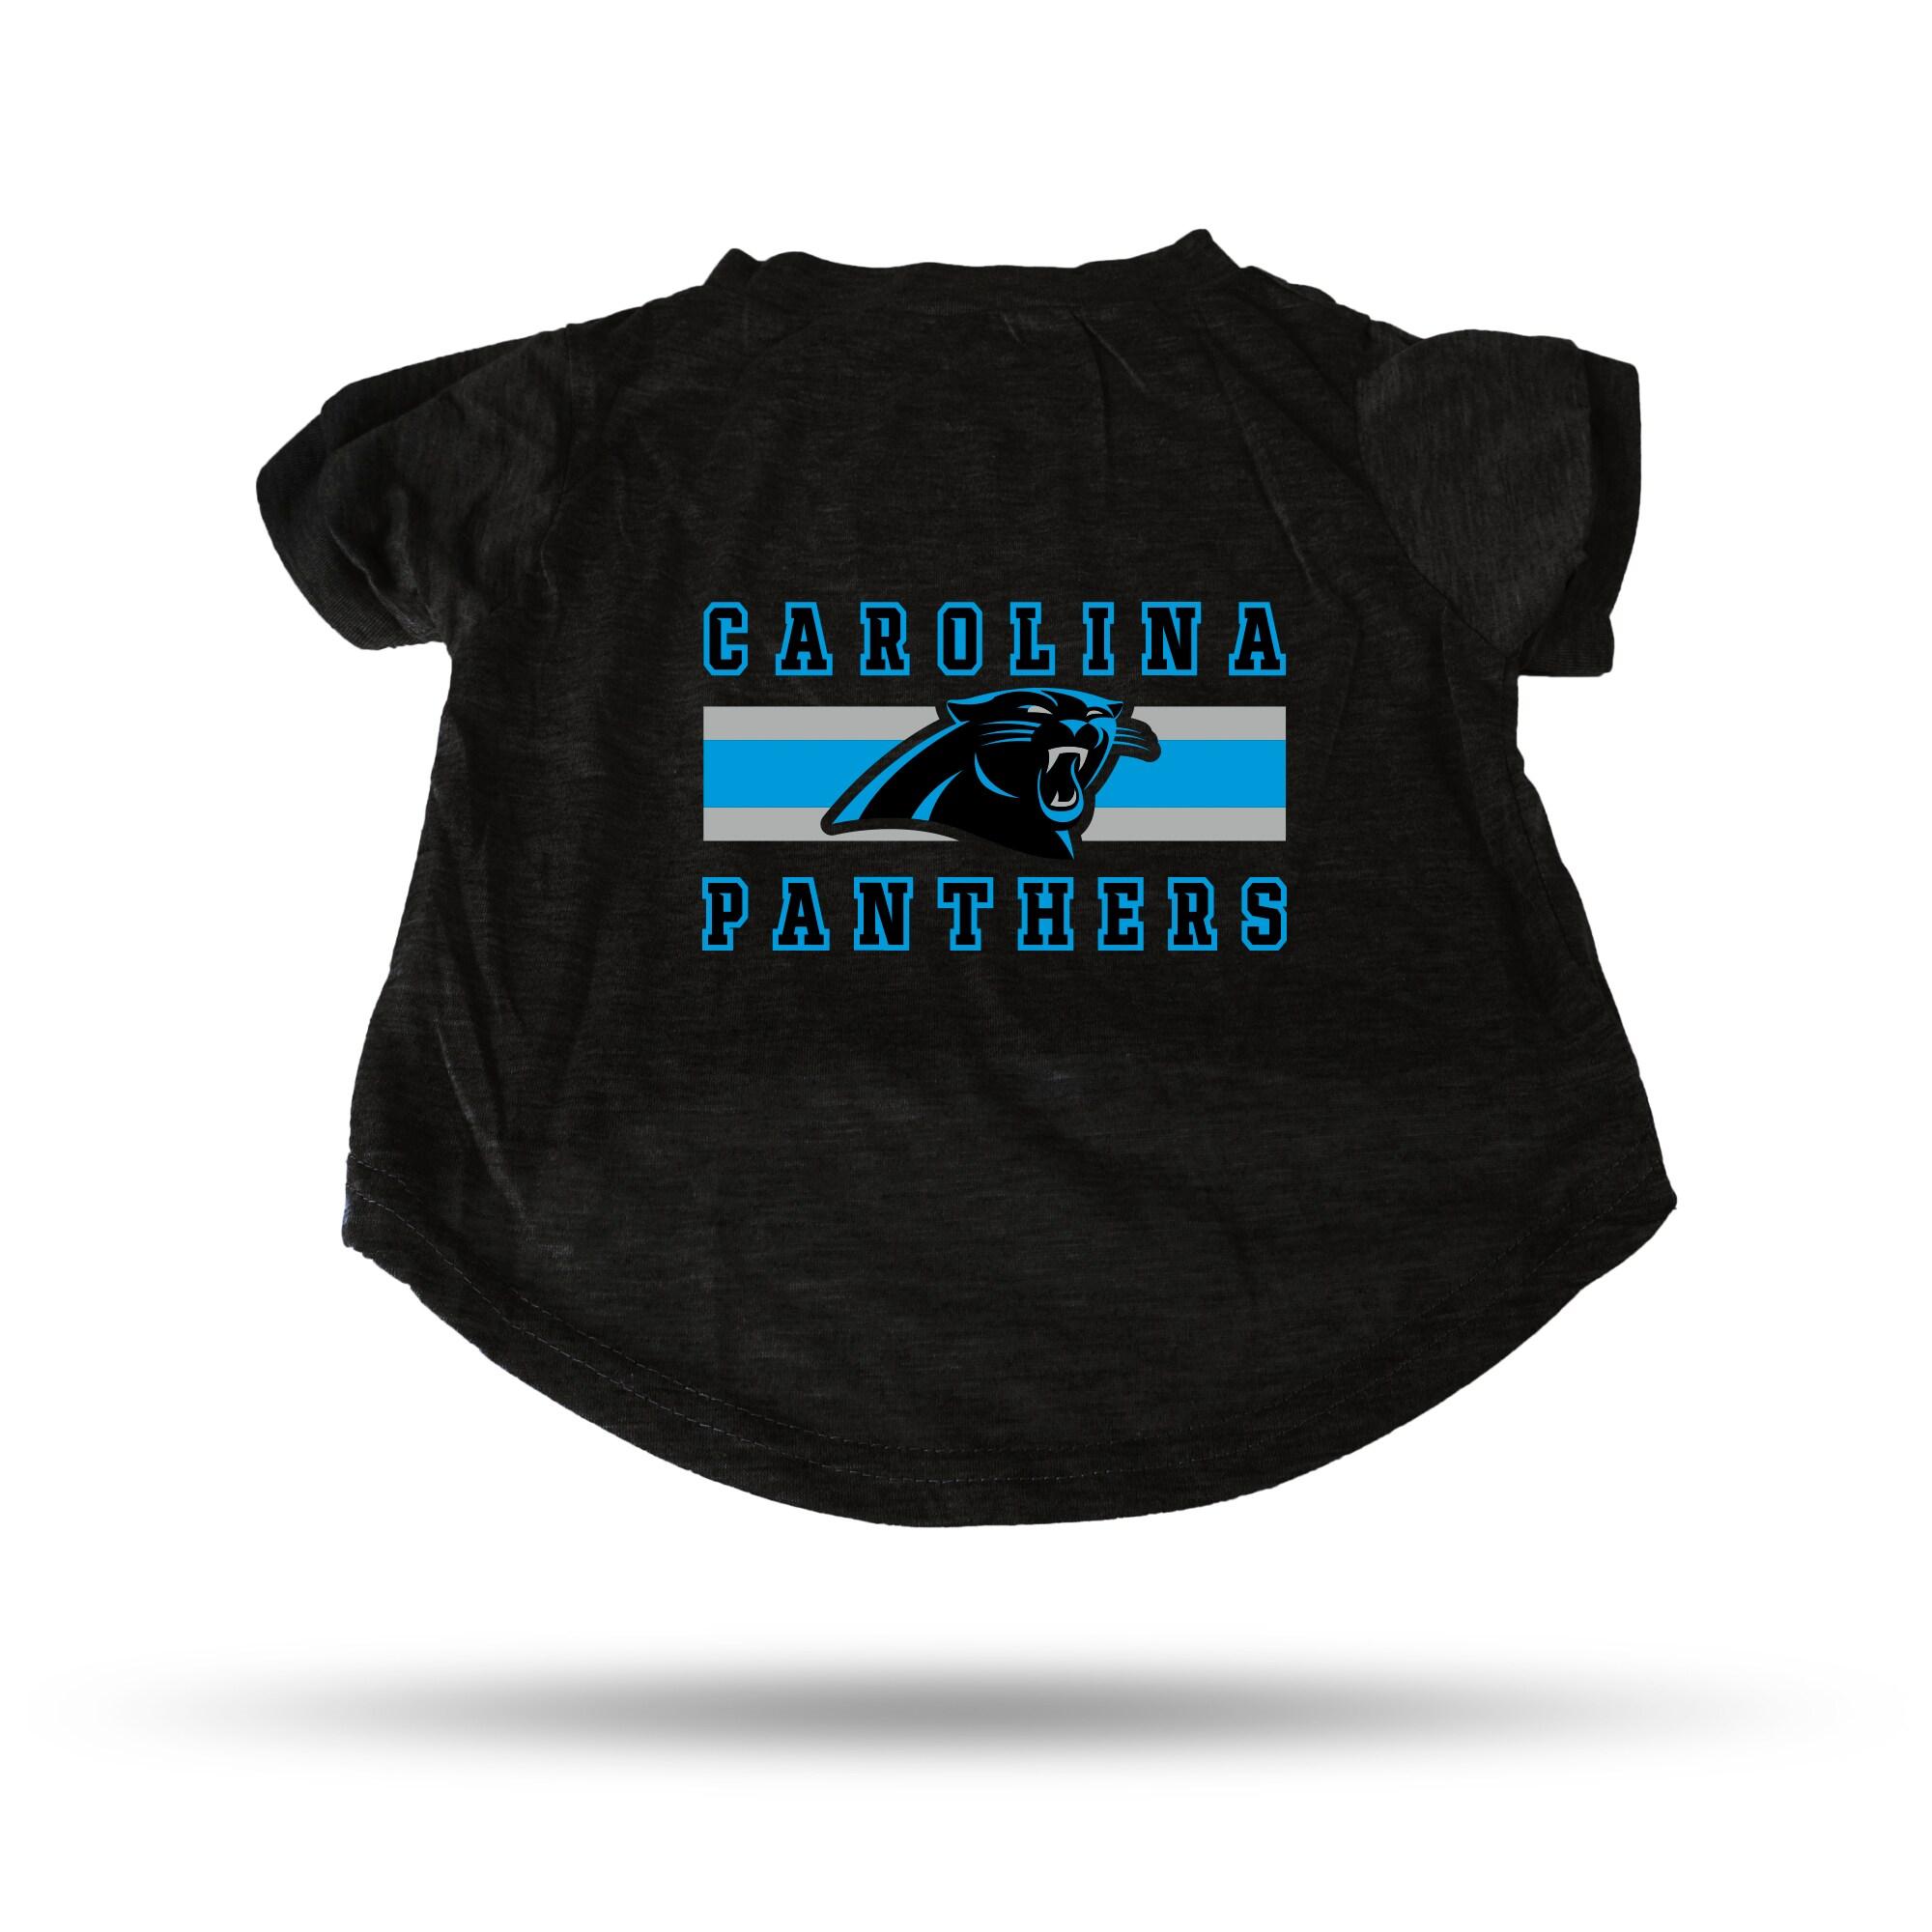 Carolina Panthers Sparo Pet T-Shirt - Black